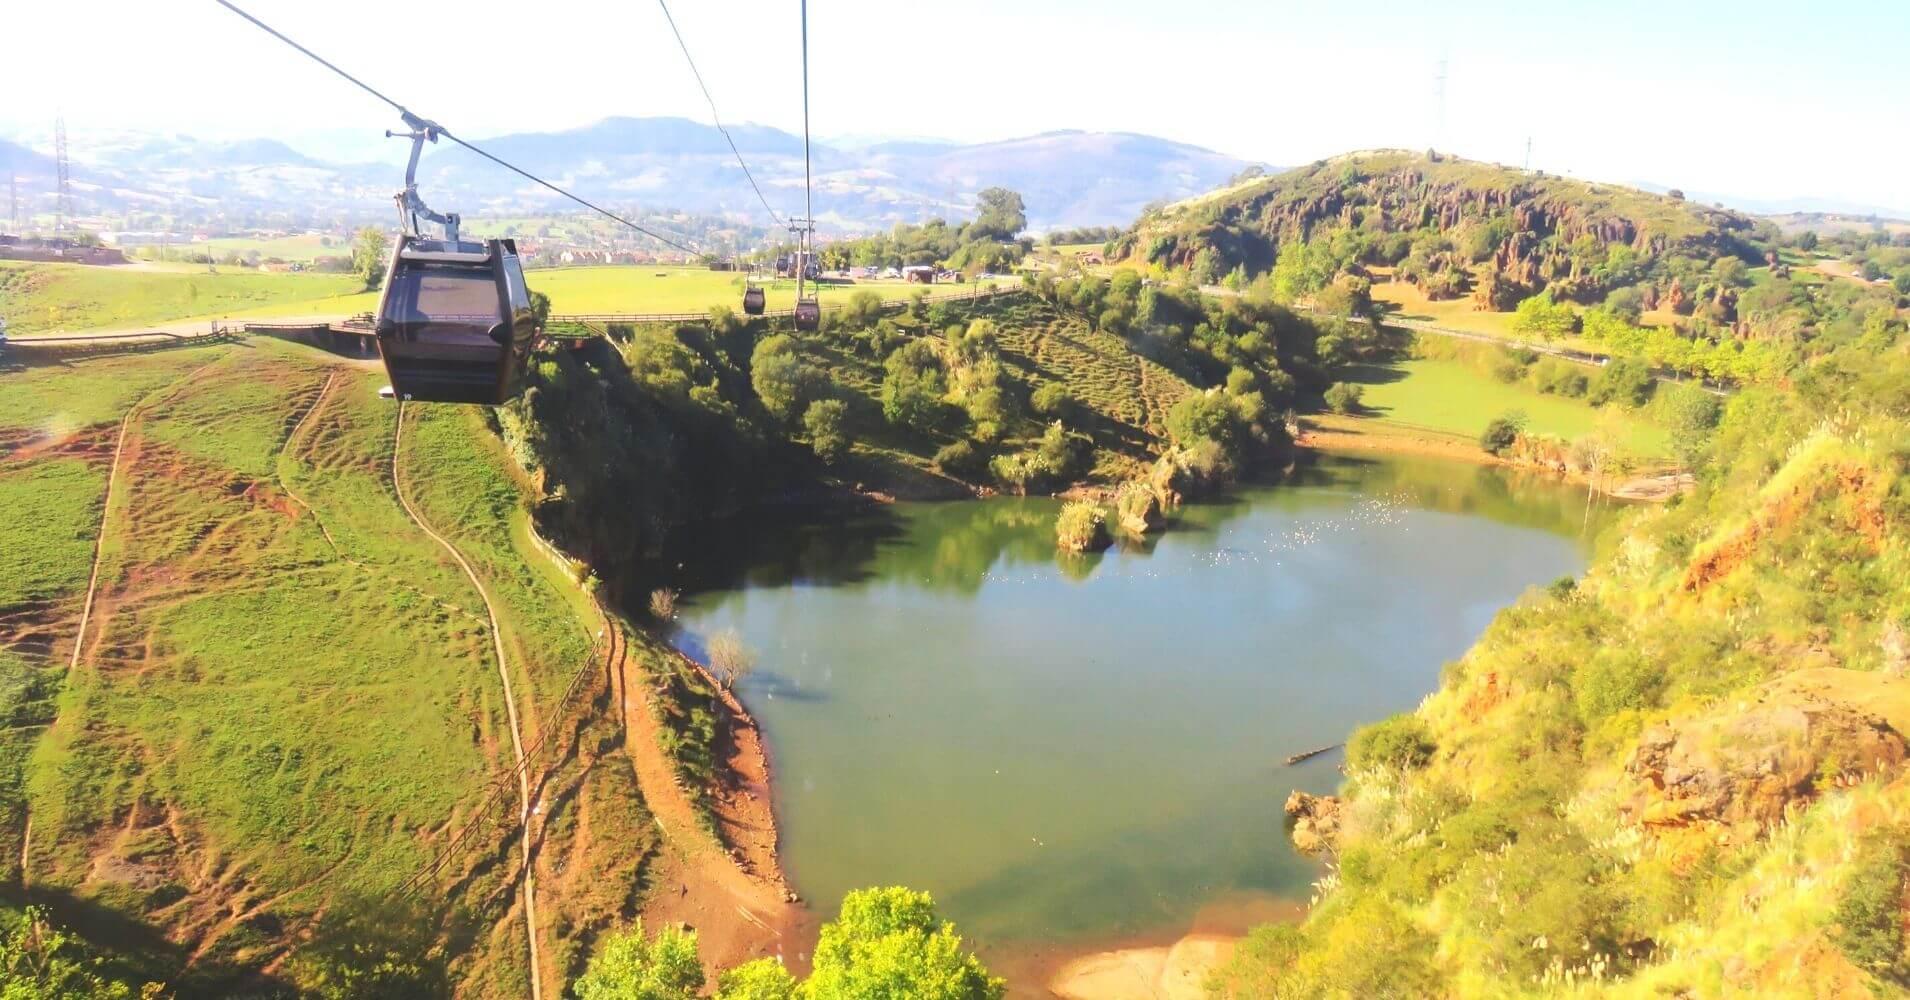 Remonte del Parque de la Naturaleza de Cabárceno. Obregón. Cantabria.